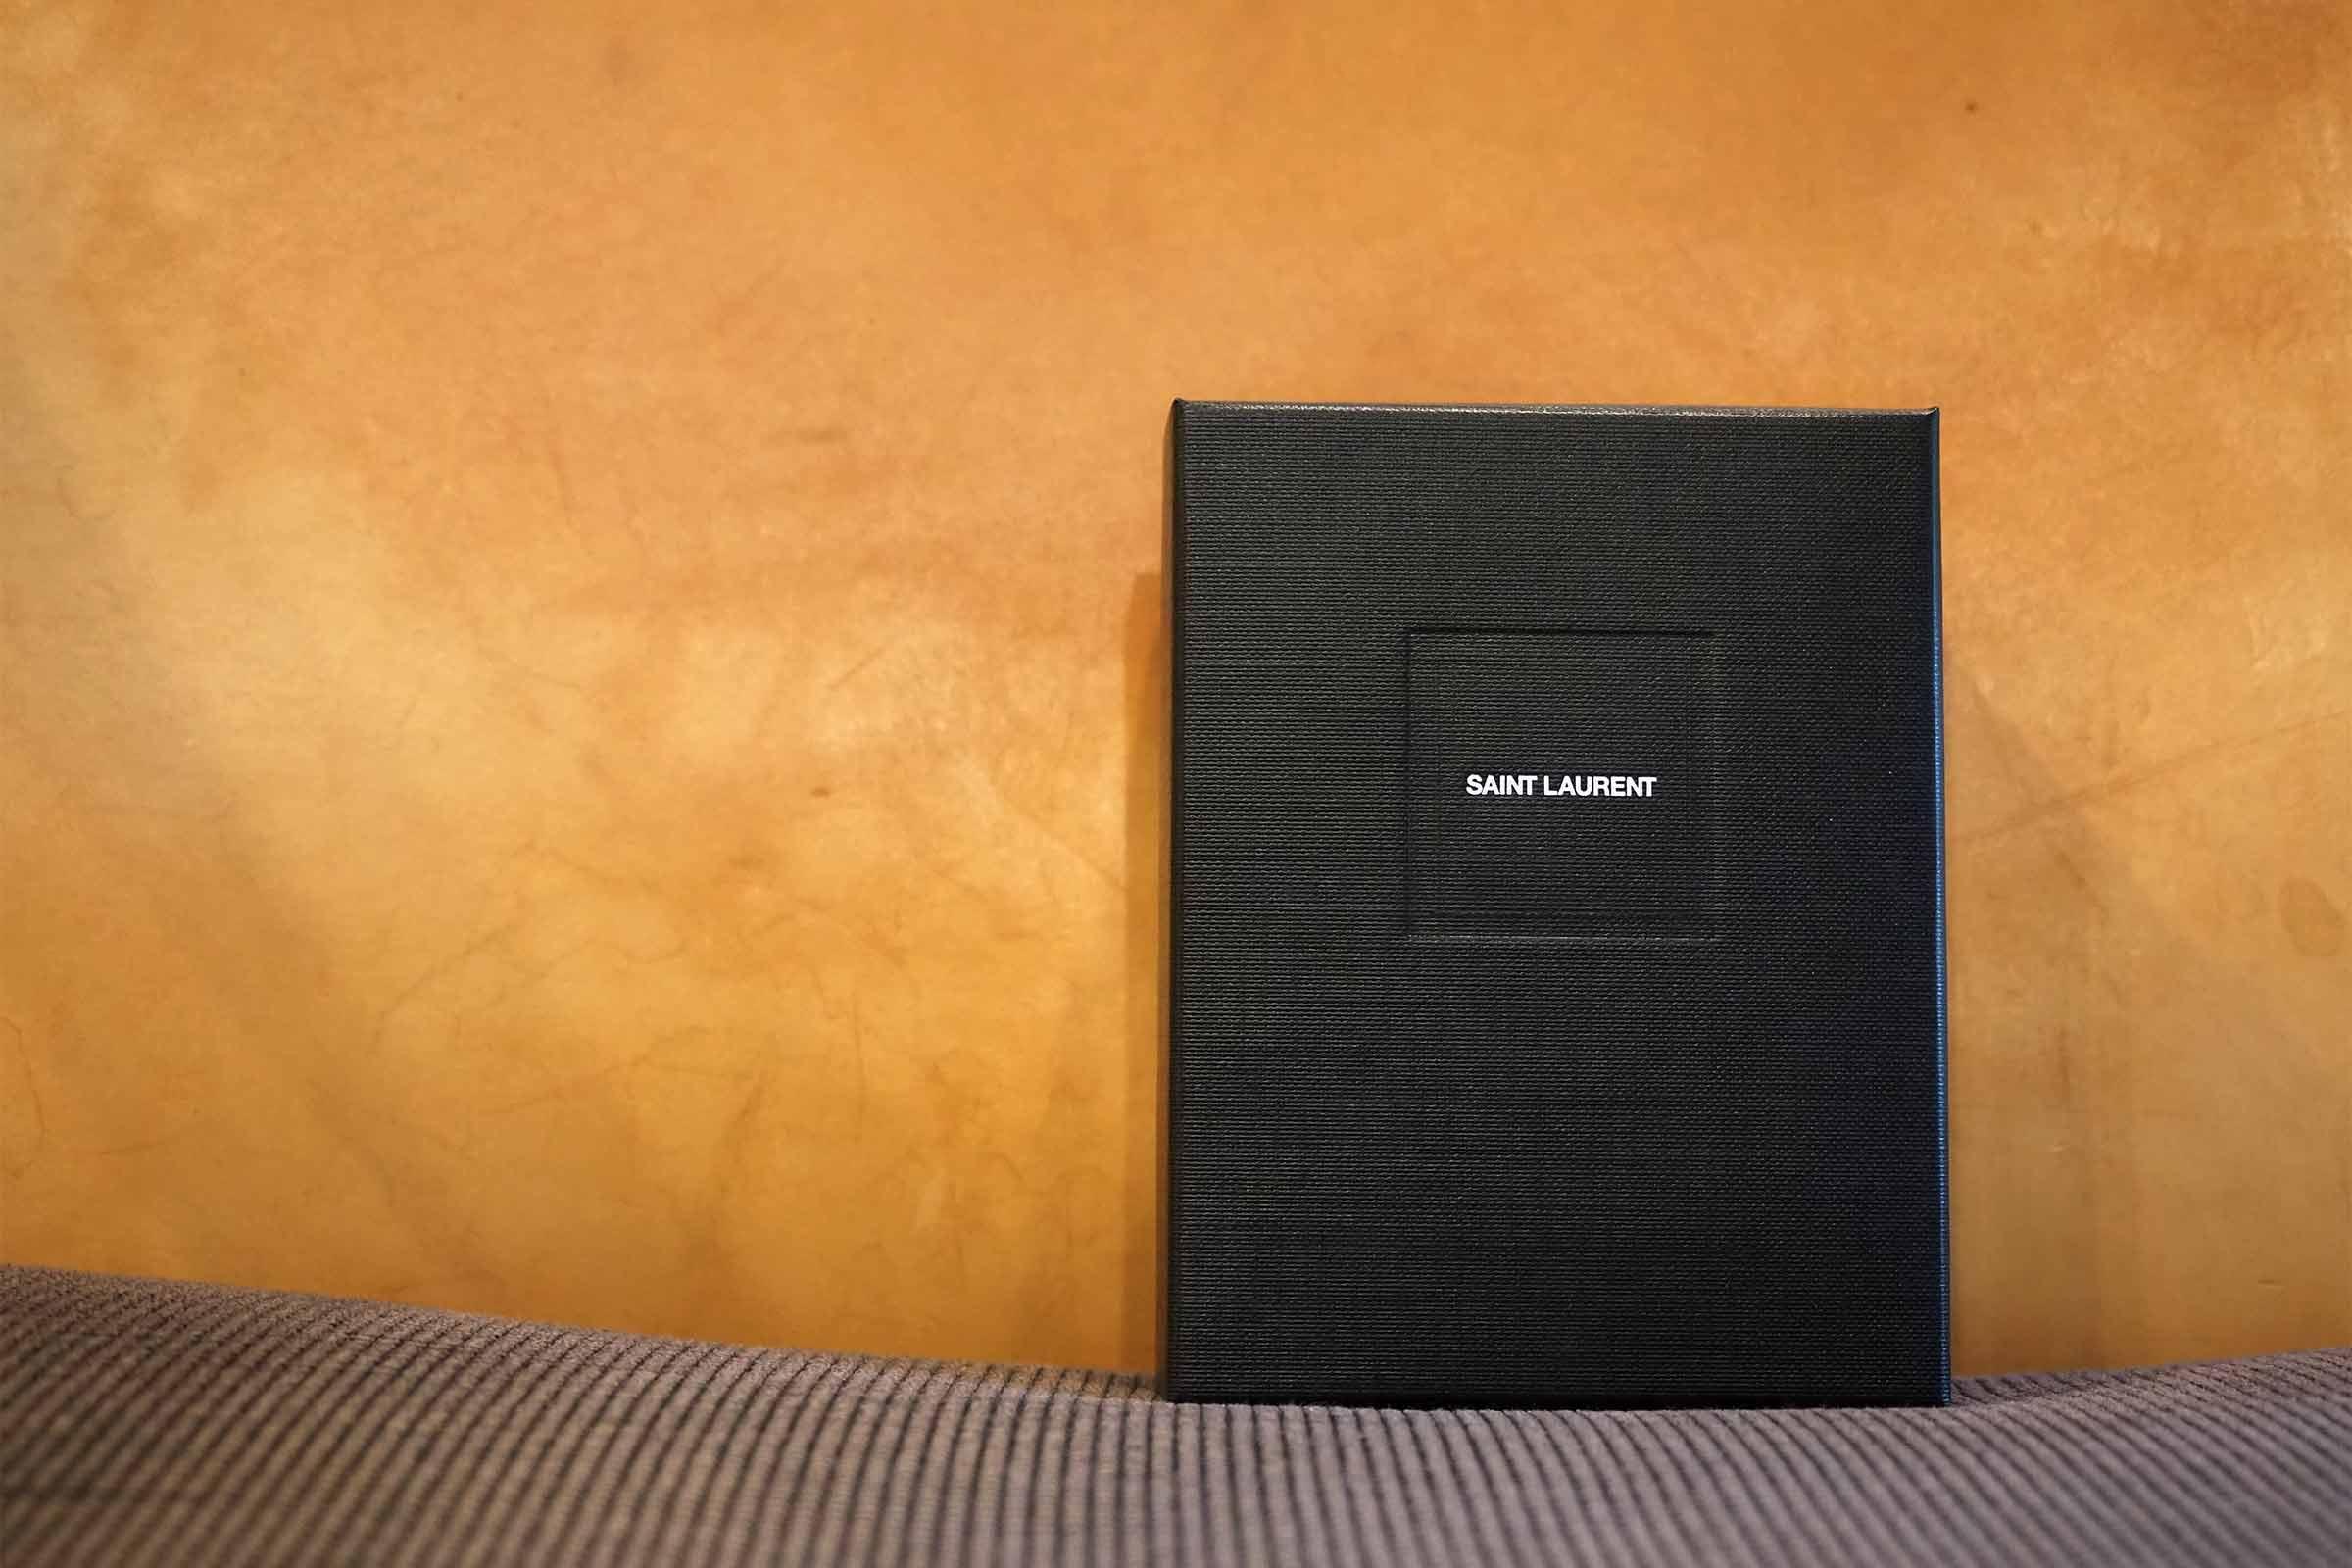 財布,サンローラン,メンズ,レディース,三つ折り,ミニマル,小さい,コンパクト,箱